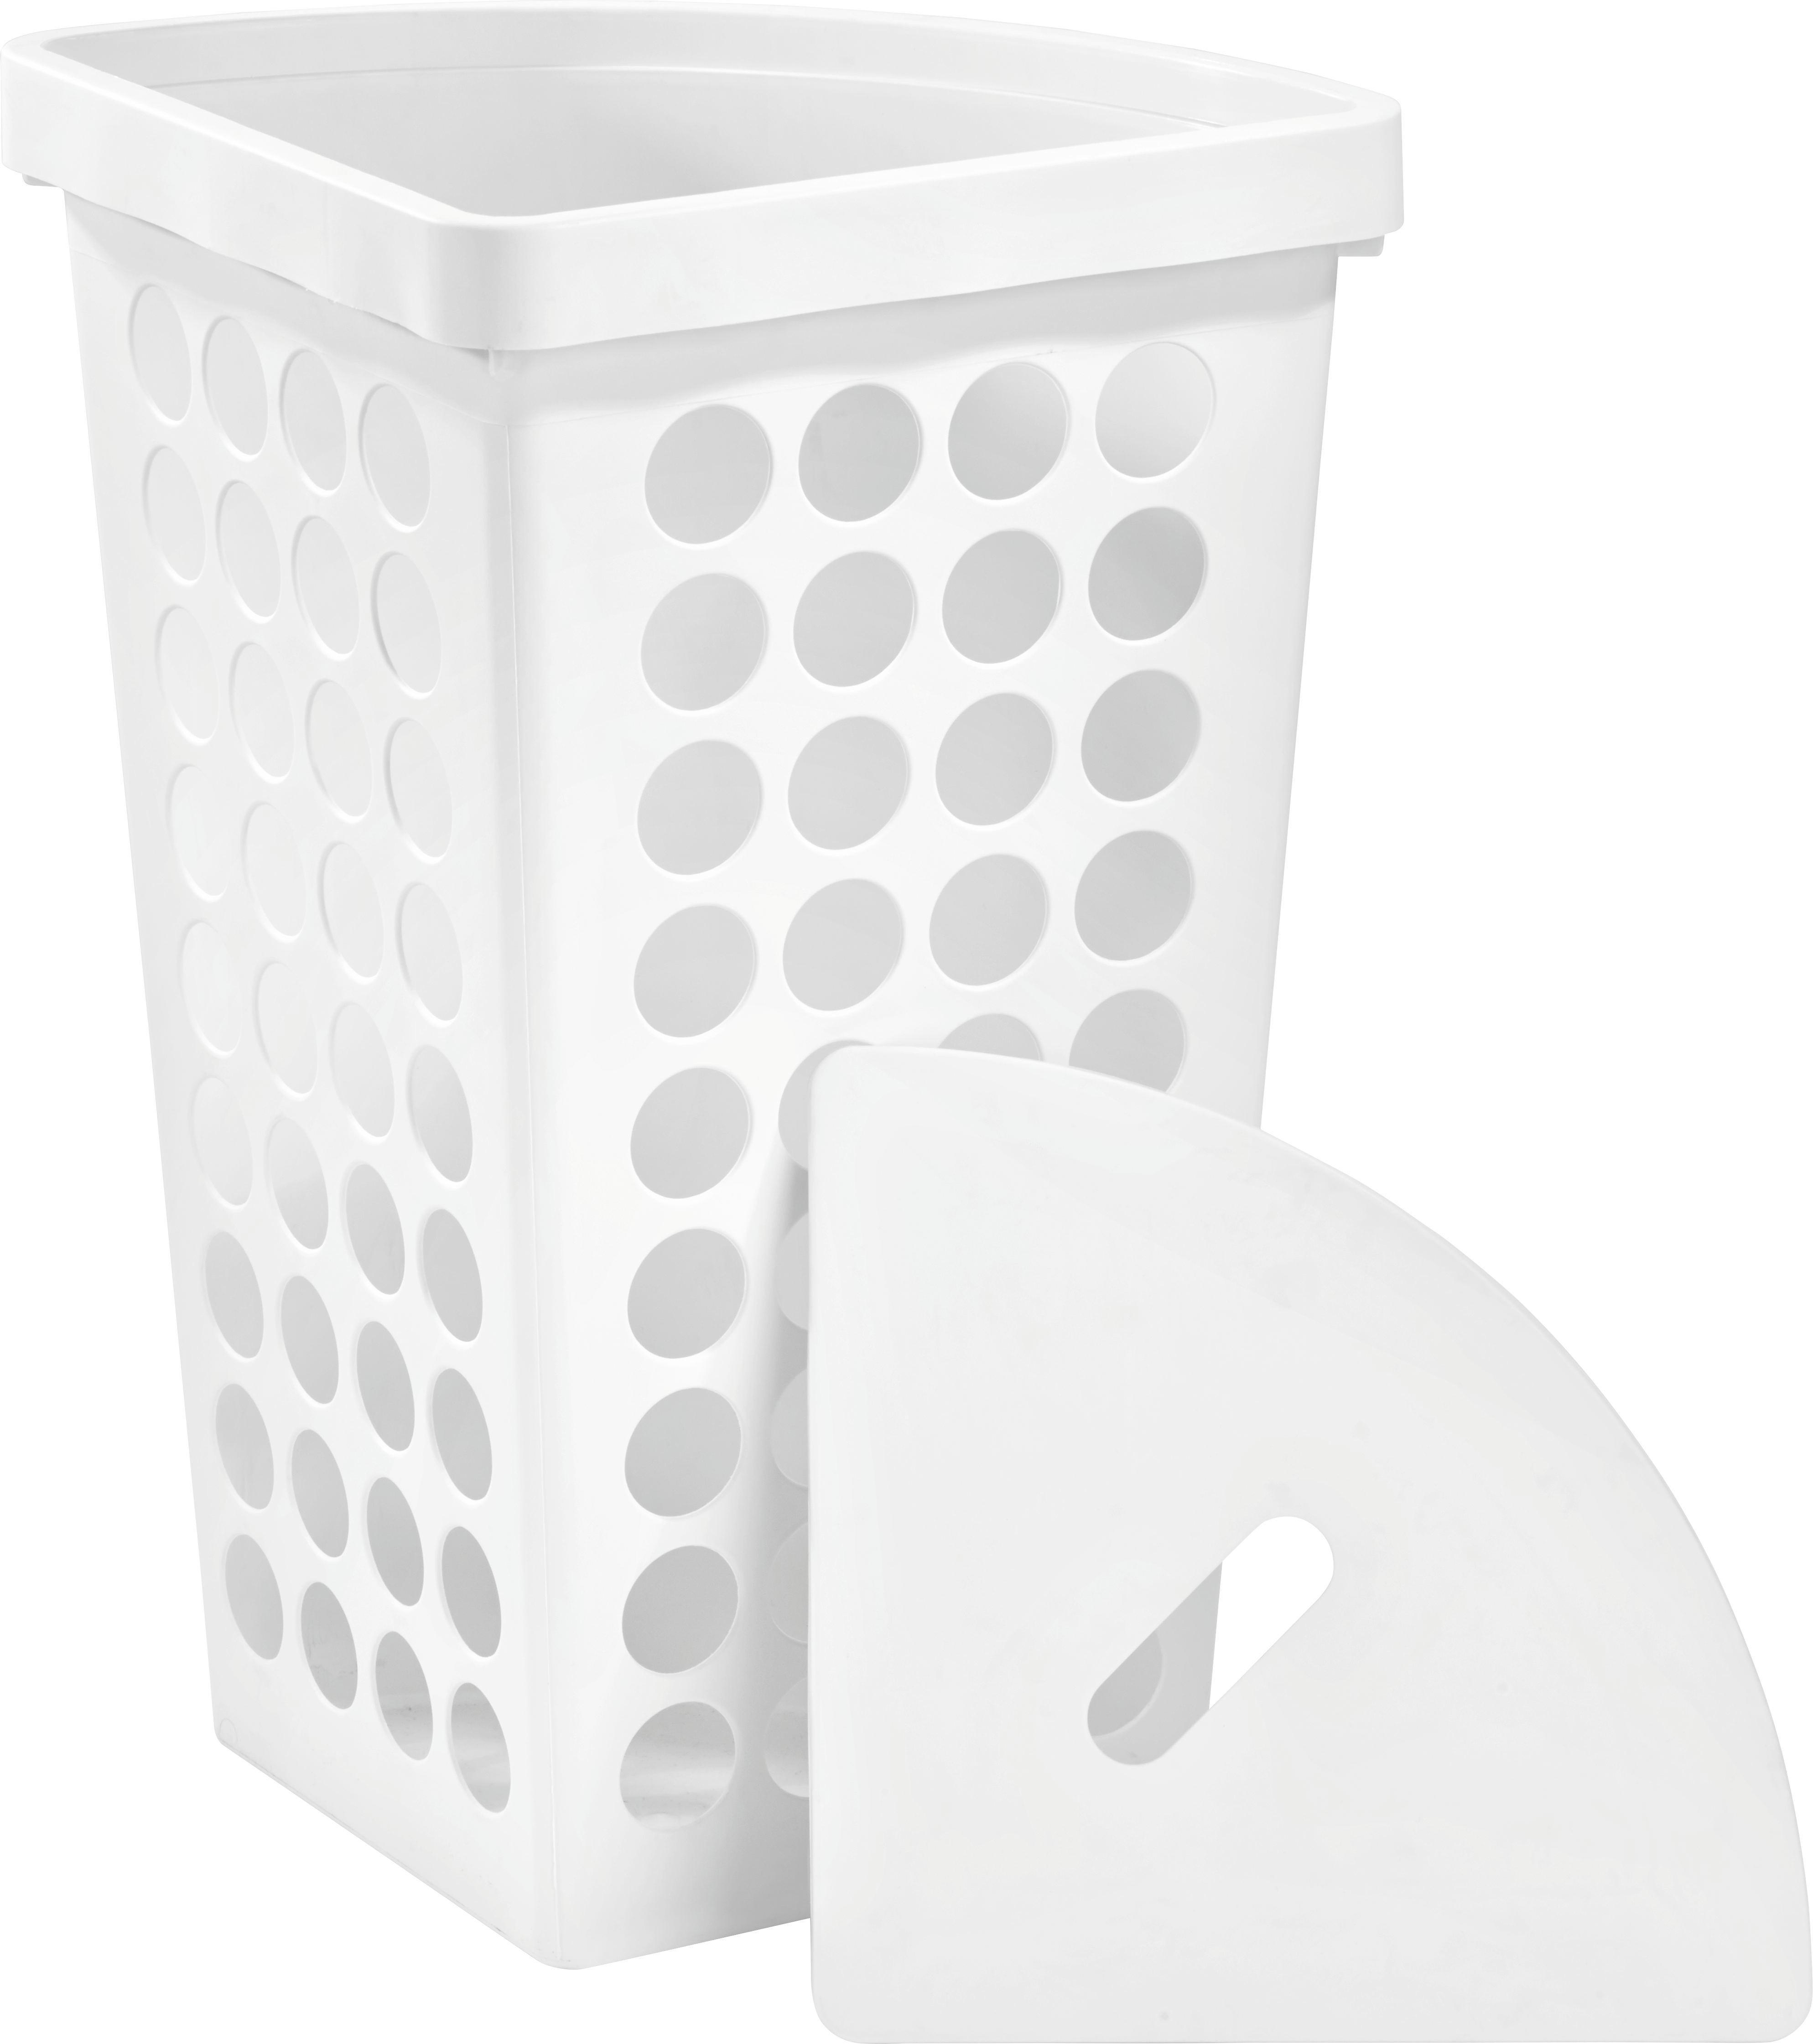 Wäschekorb Nadine - Weiß, MODERN, Kunststoff (45l) - MÖMAX modern living